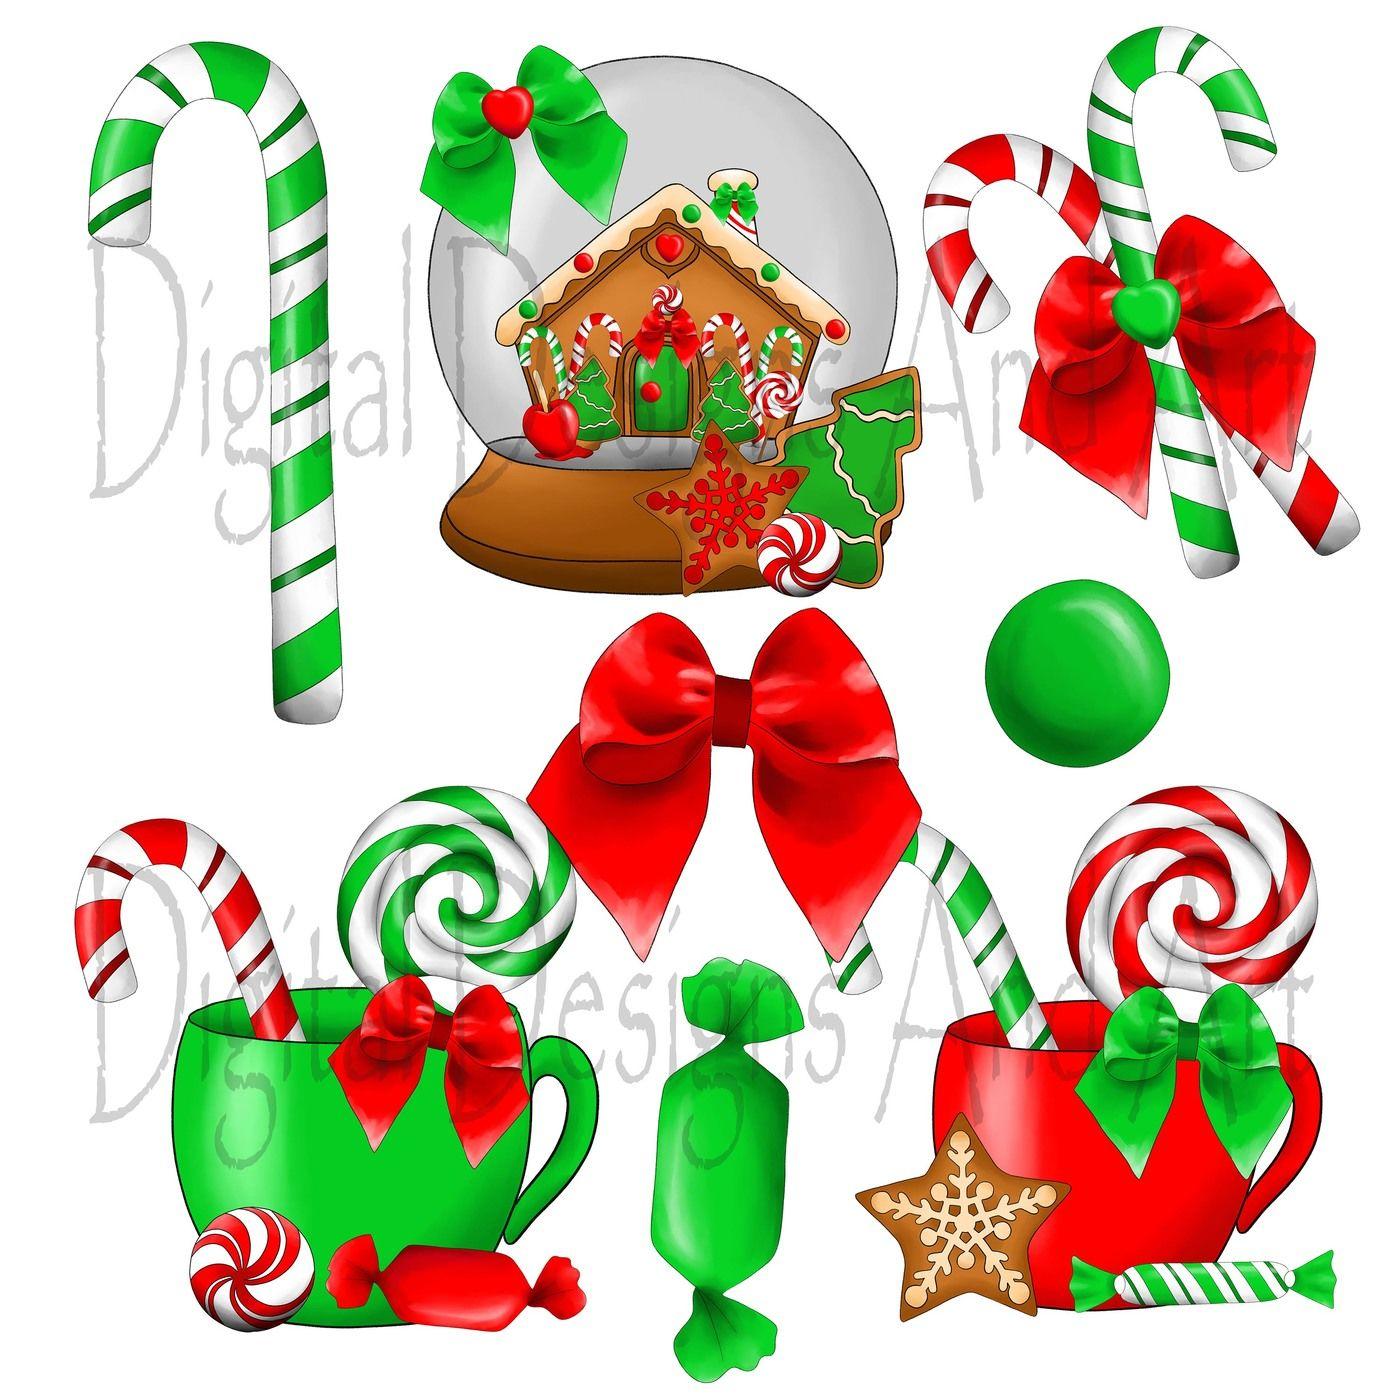 Christmas sweets clipart By DigitalDesignsAndArt.